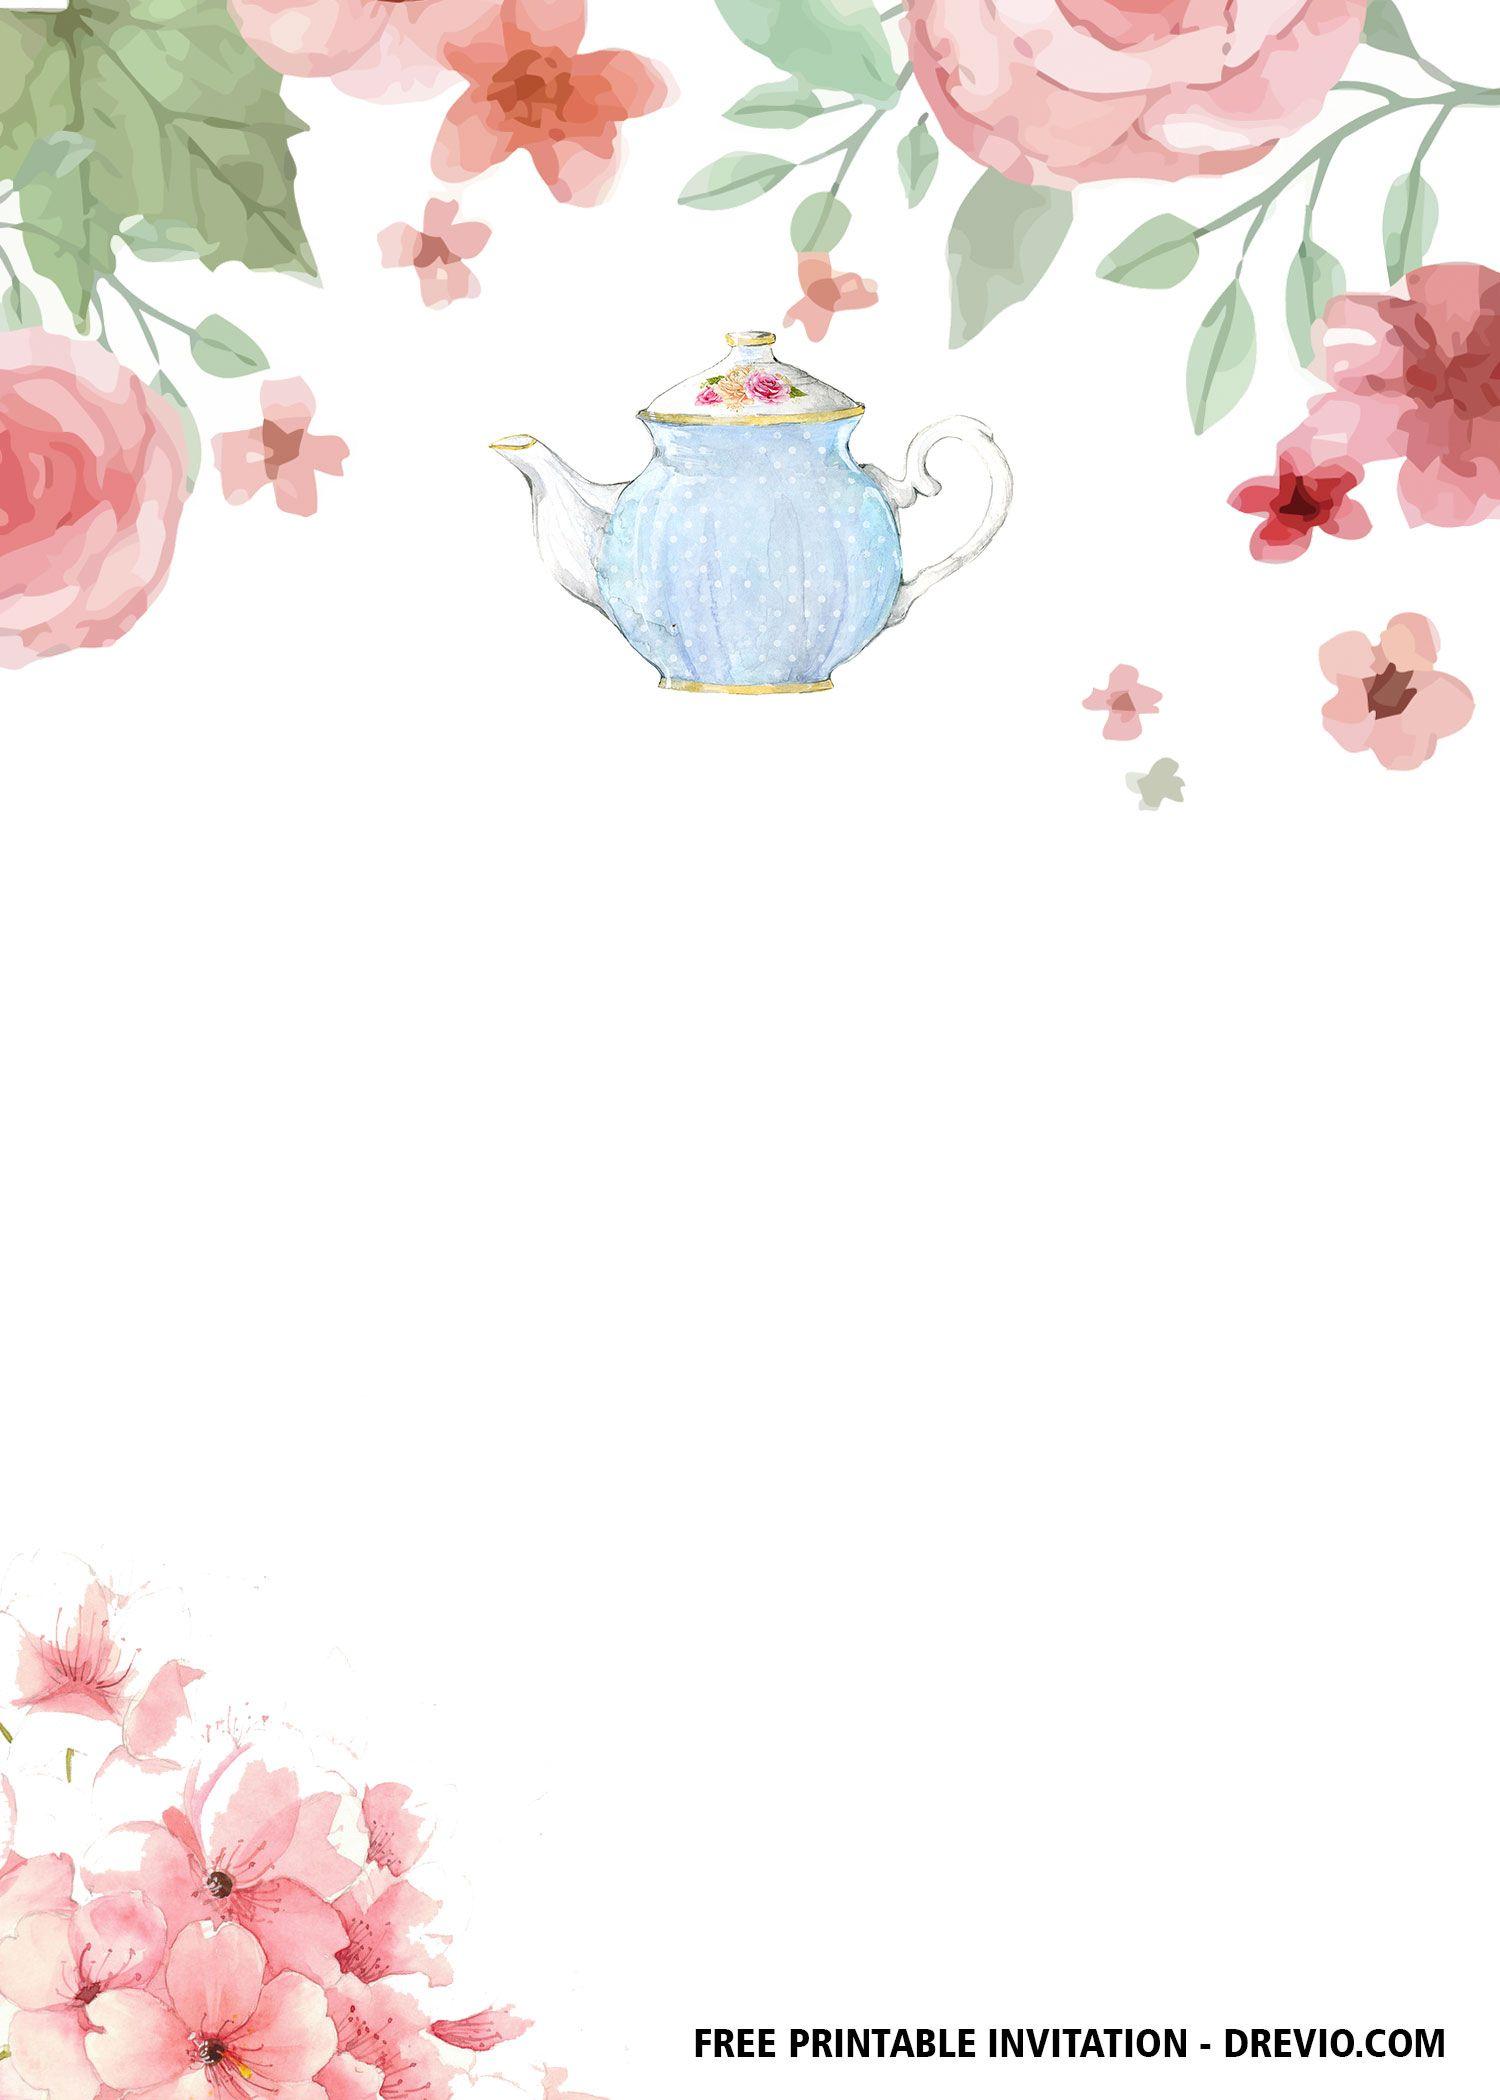 FREE Floral Tea Party Invitation Templates  DREVIO  Party invite